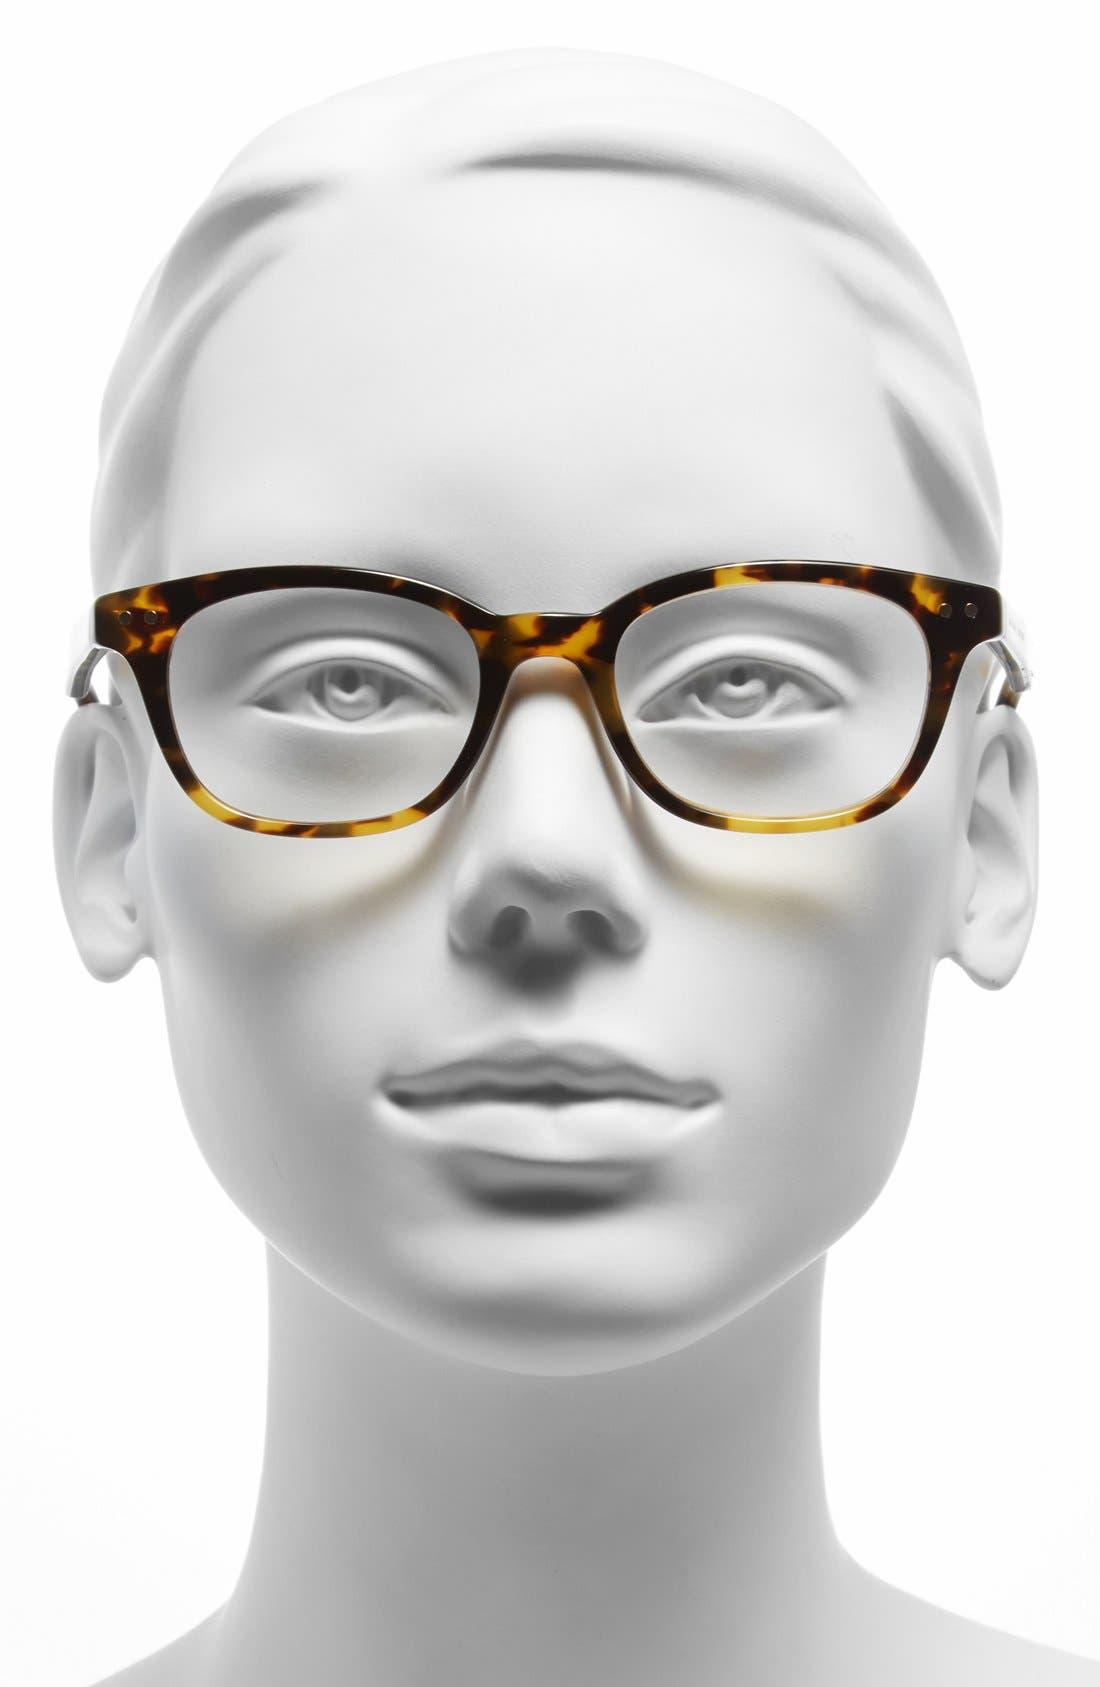 KATE SPADE NEW YORK,                             rebecca 49mm reading glasses,                             Alternate thumbnail 4, color,                             TOKYO TORTOISE